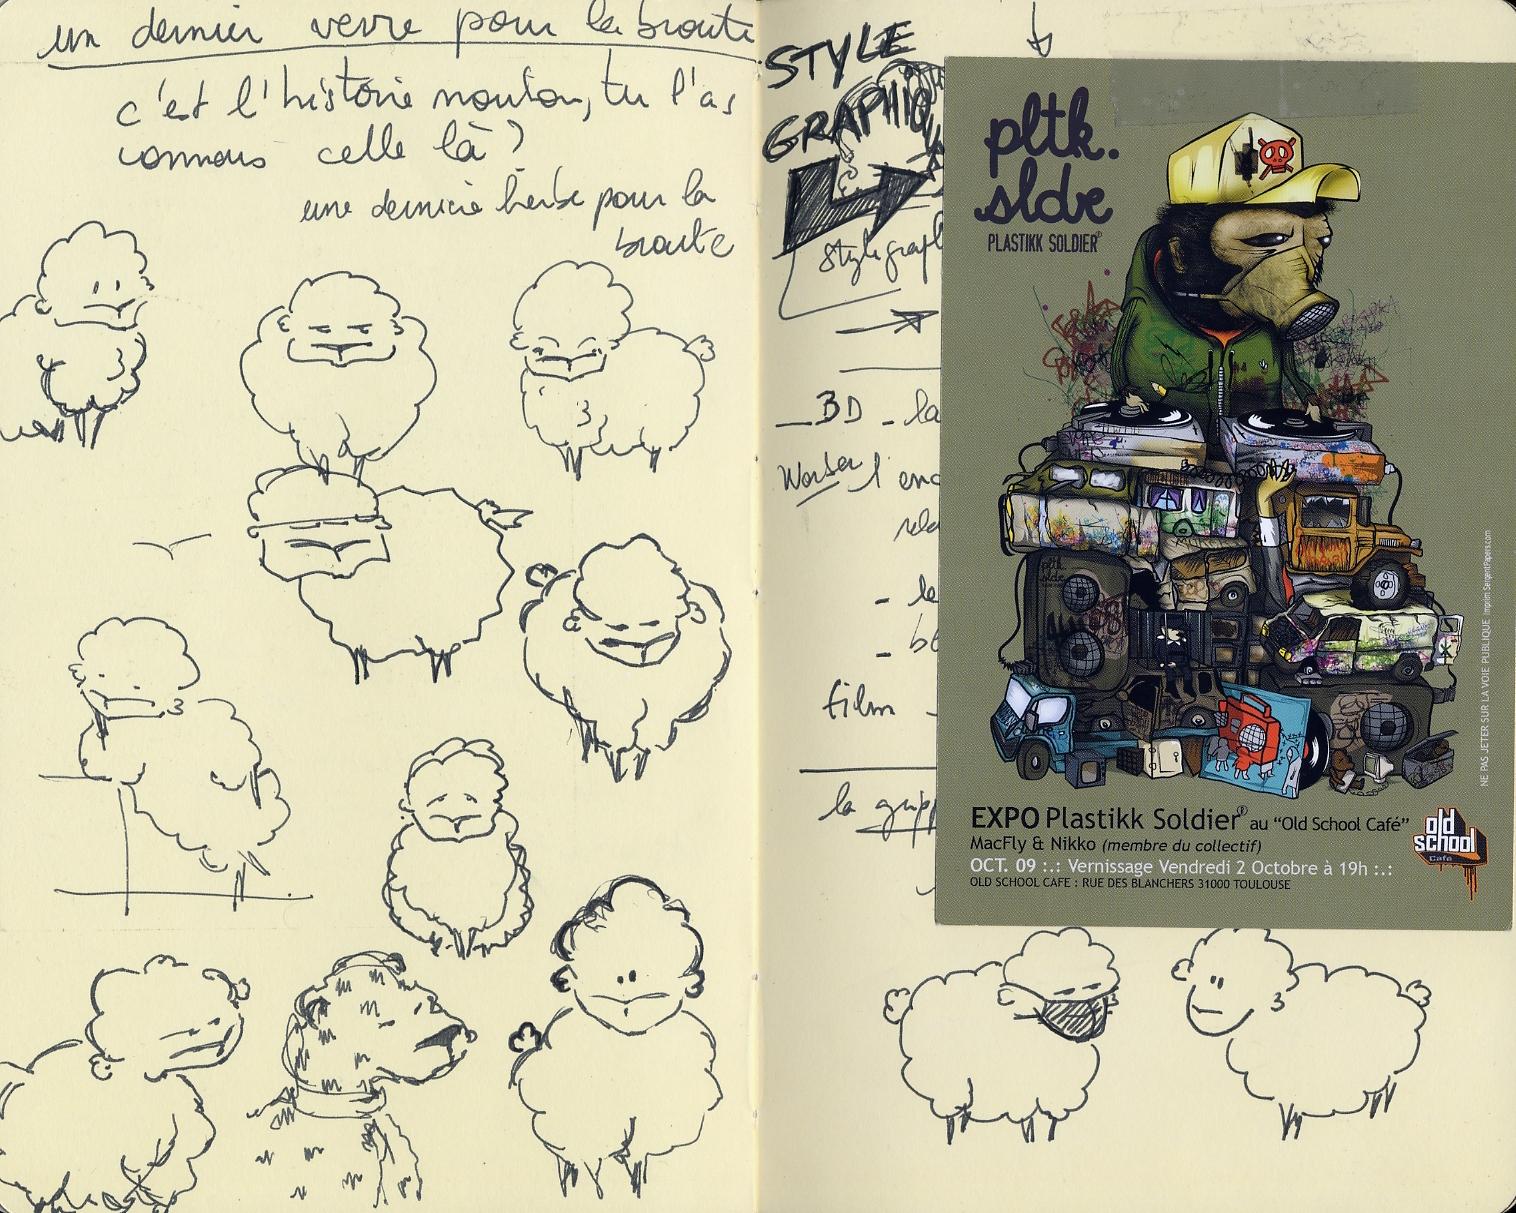 Histoires de moutons - recherches stylisques - Character design